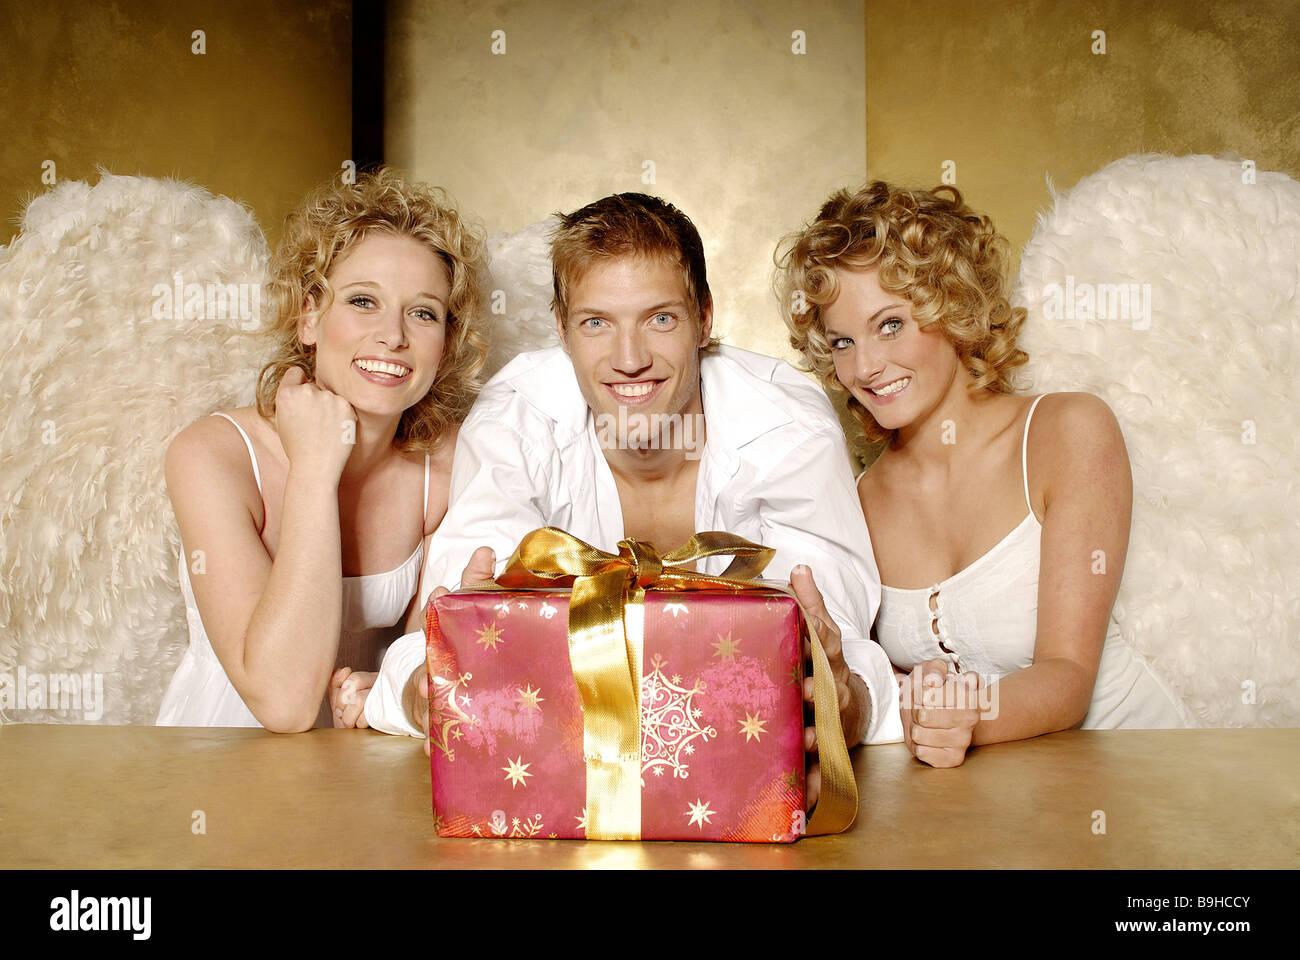 Tabelle Frauen junger blonde Engel Flügel Mann Lächeln ...